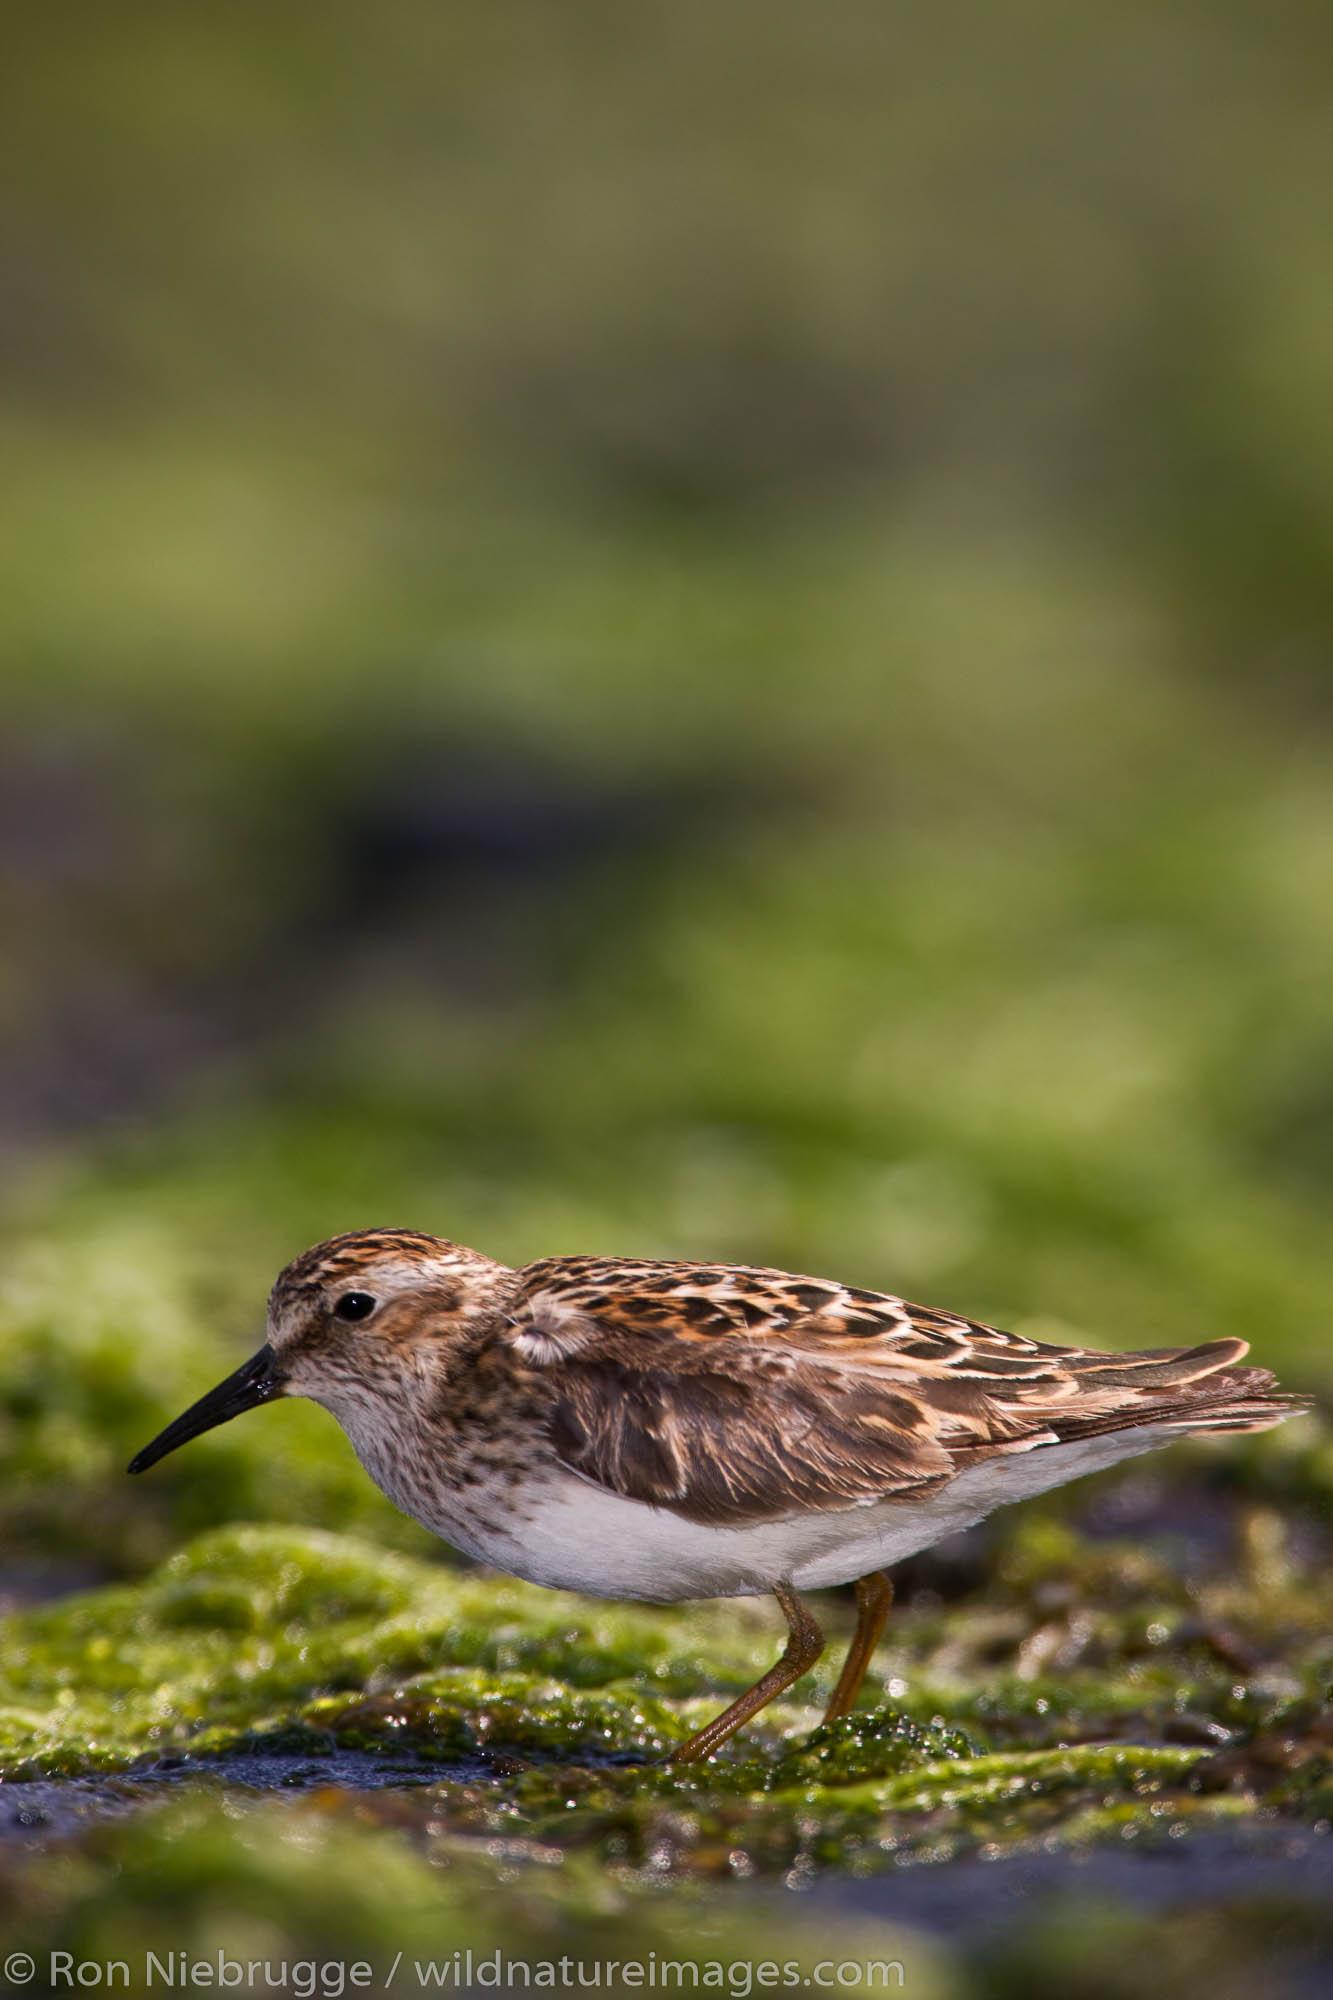 Least Sandpiper shorebird during the spring migration to Alaska, near Seward, Alaska.